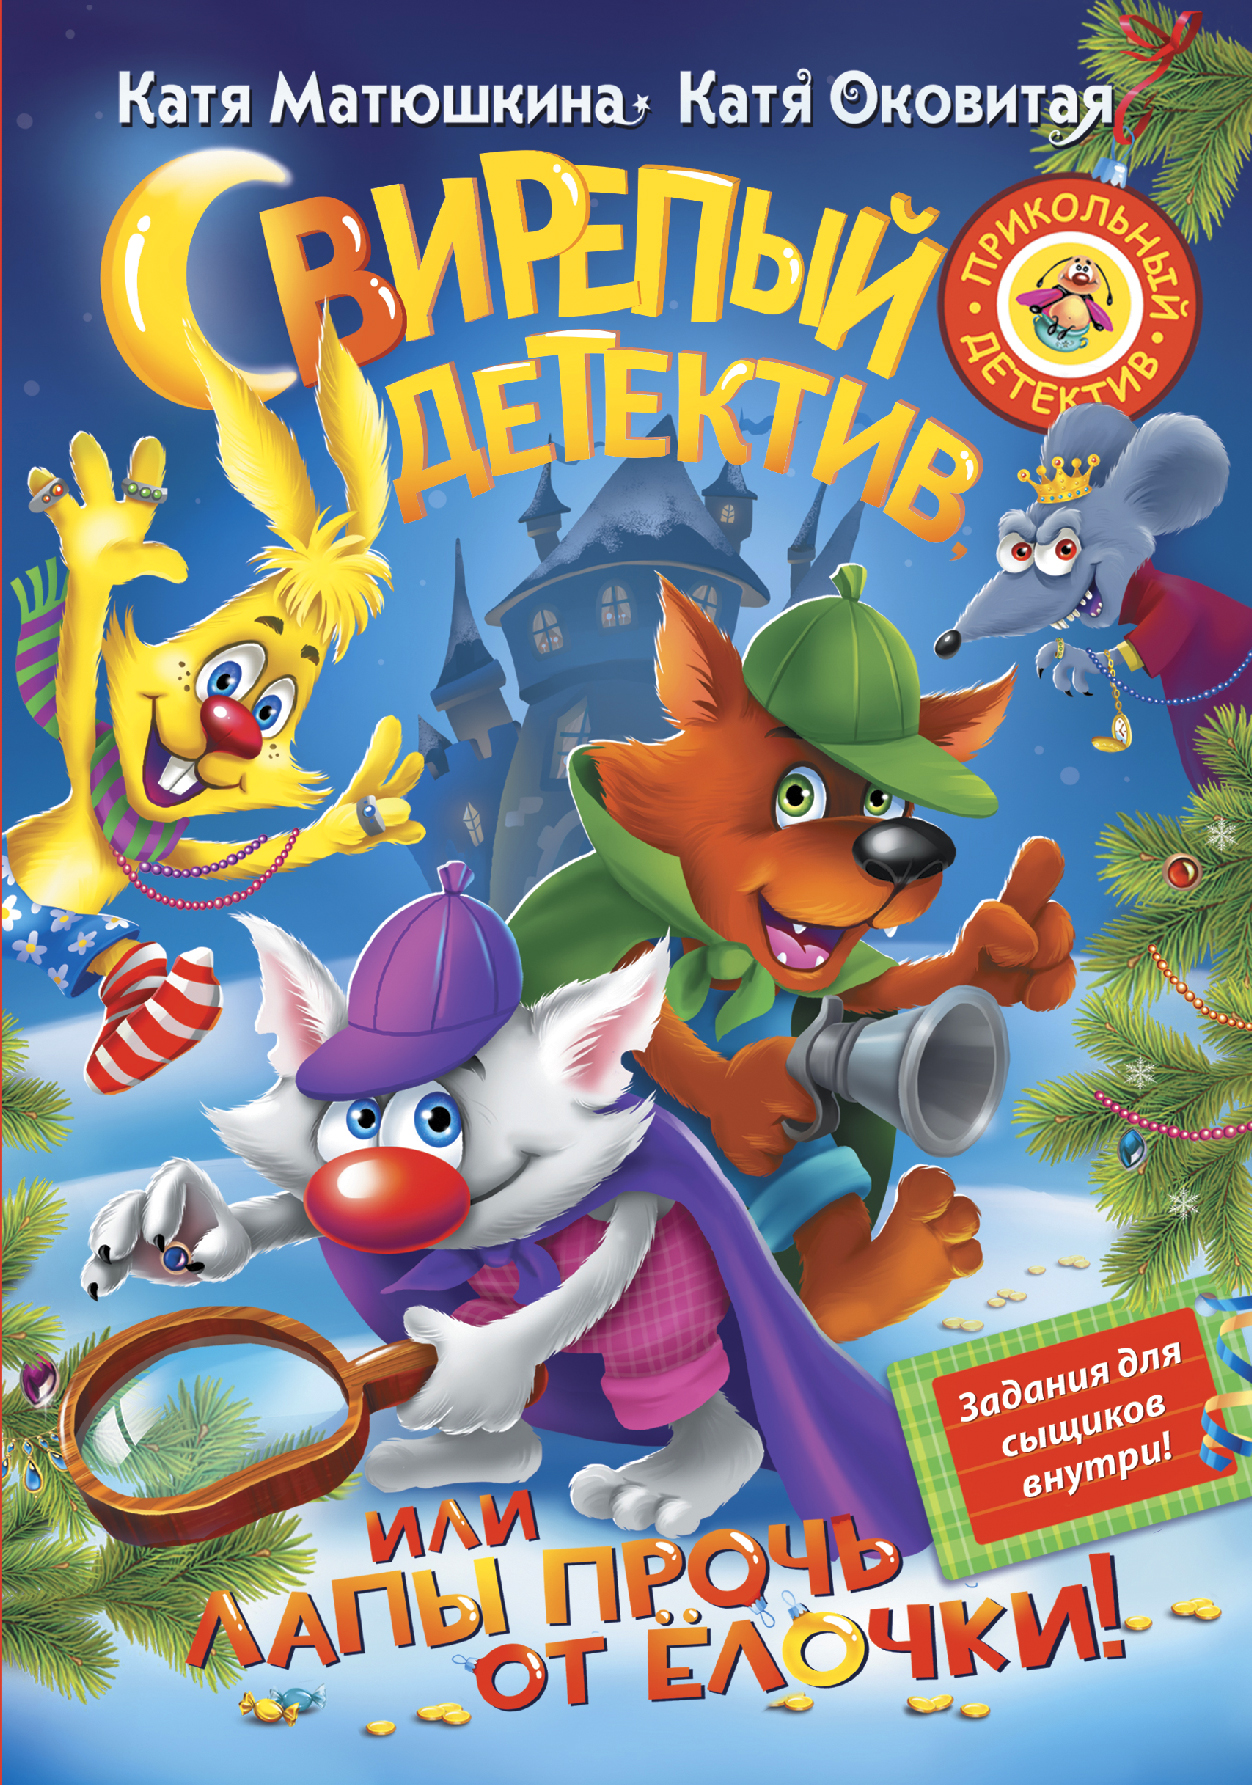 цена на Катя Матюшкина, Катя Оковитая Свирепый детектив, или Лапы прочь от ёлочки!